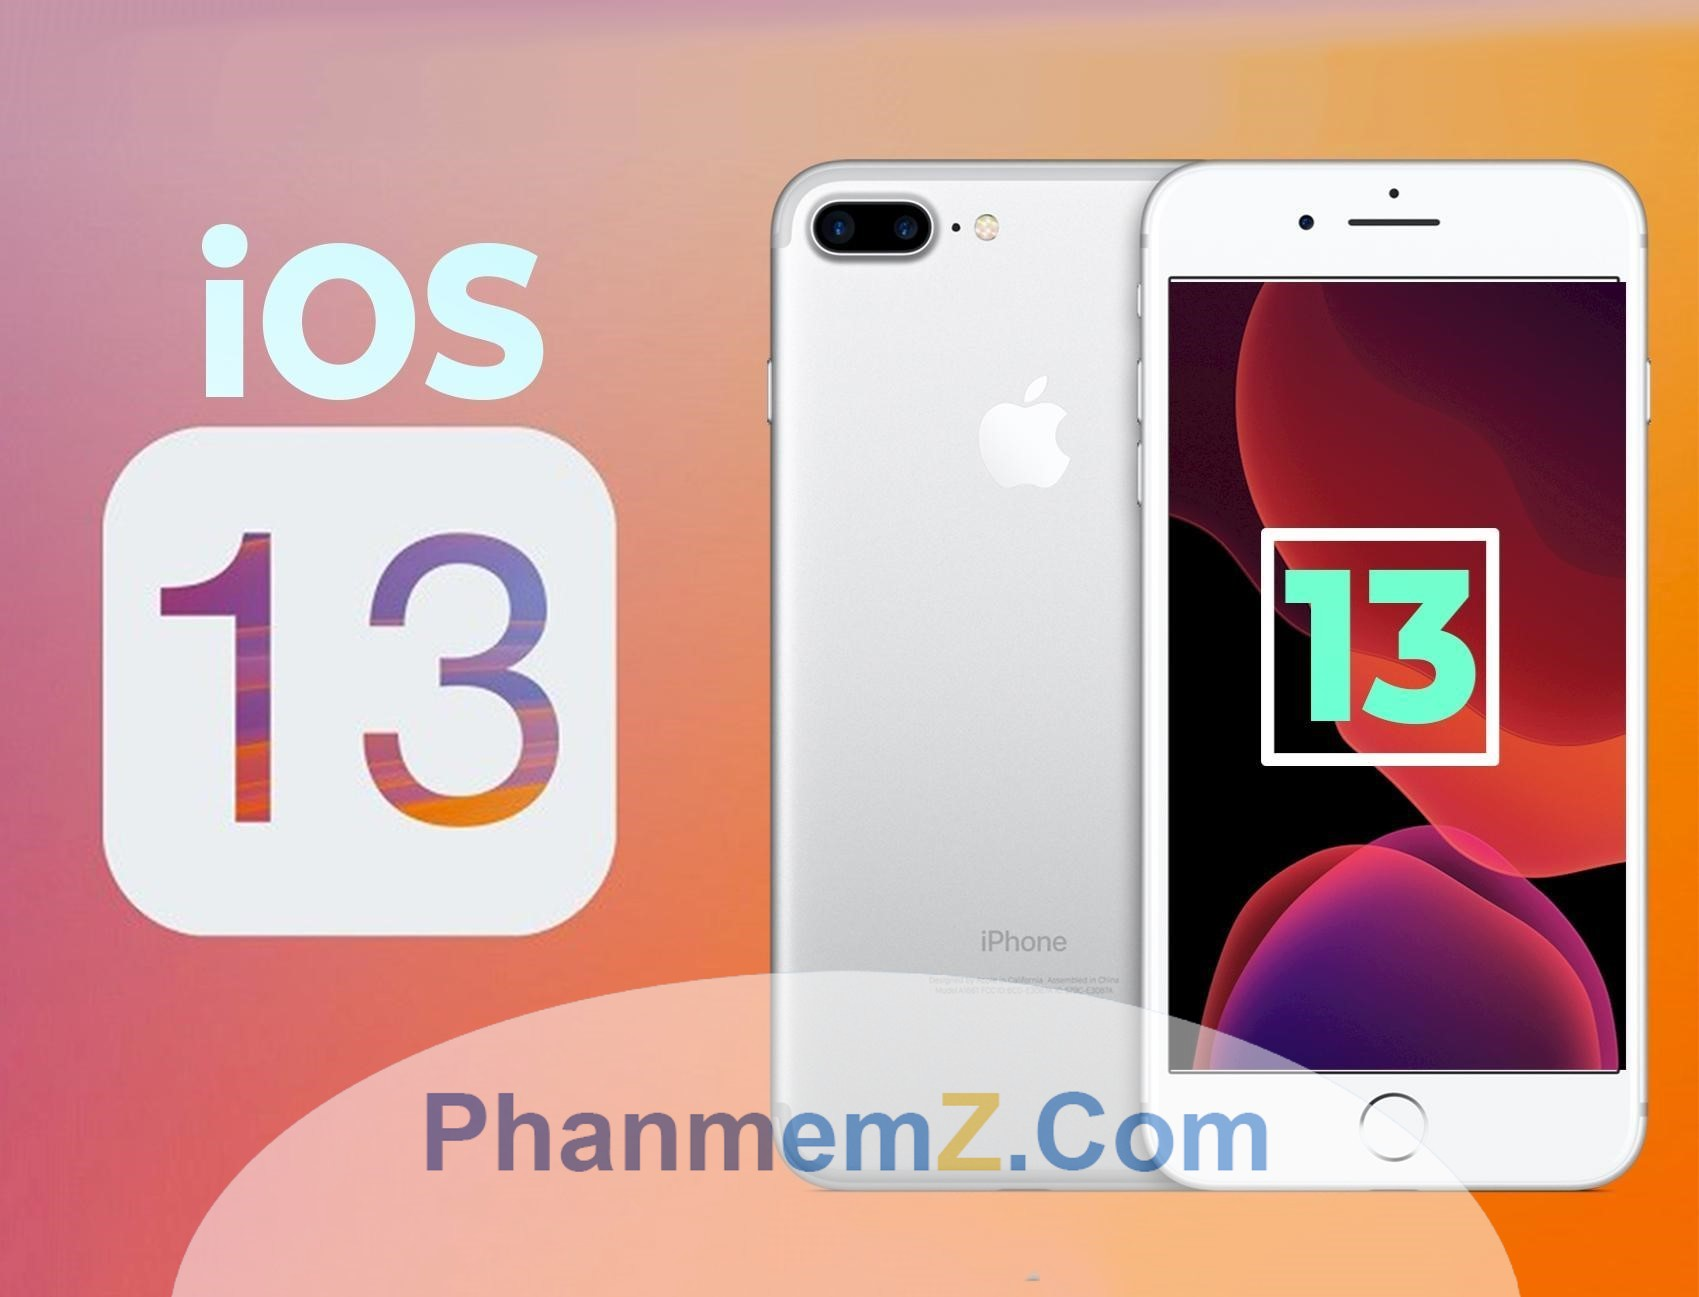 Hệ điều hành iOS 13 sở hữu nhiều tính năng nổi bật